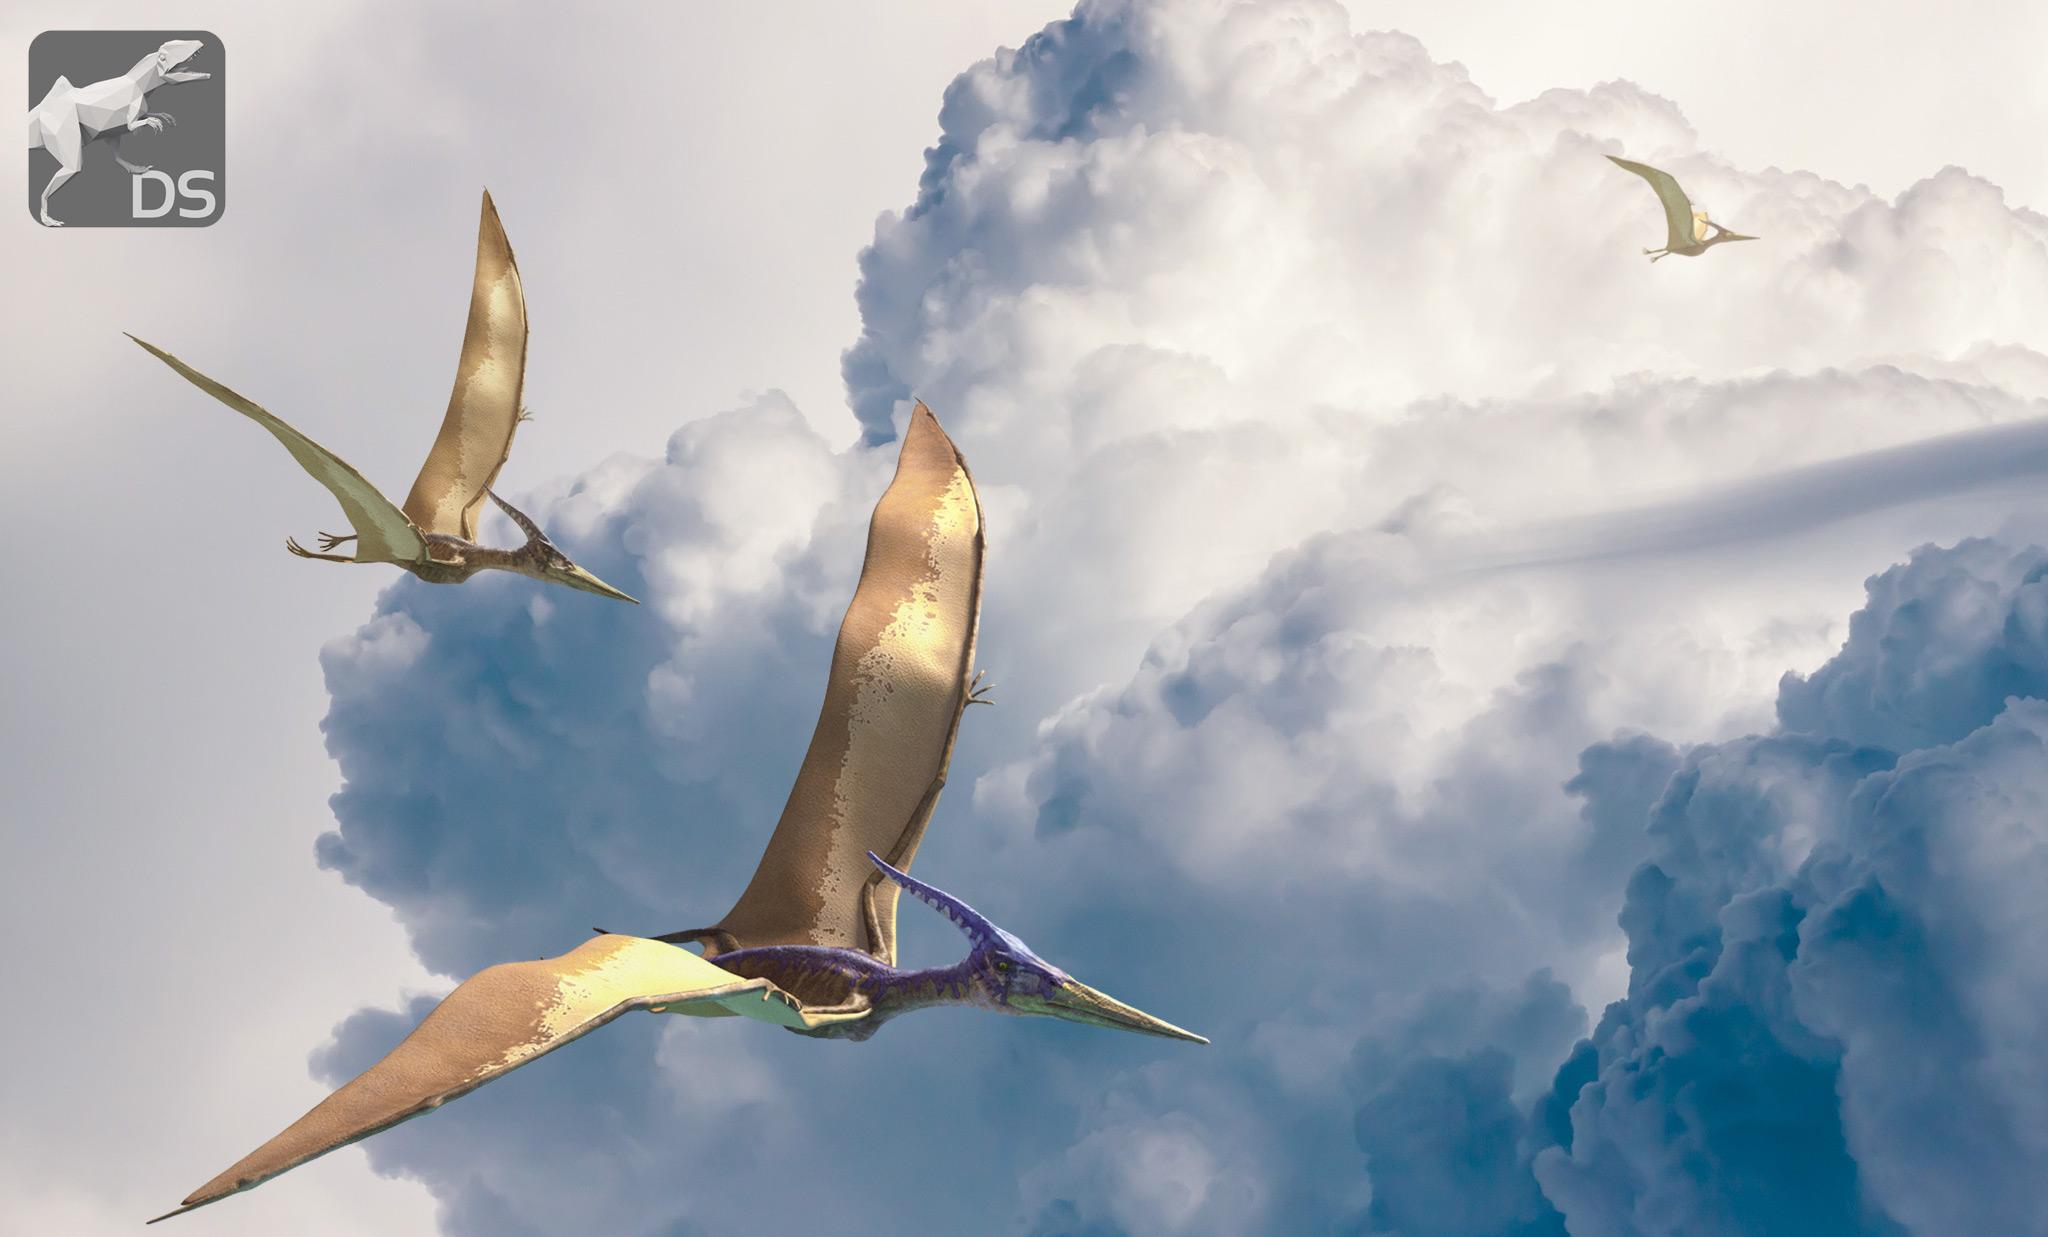 Eran Los Pterosaurios Dinosaurios Voladores Quo El mundo de los dinosaurios explicado para niños con imágenes y video. los pterosaurios dinosaurios voladores